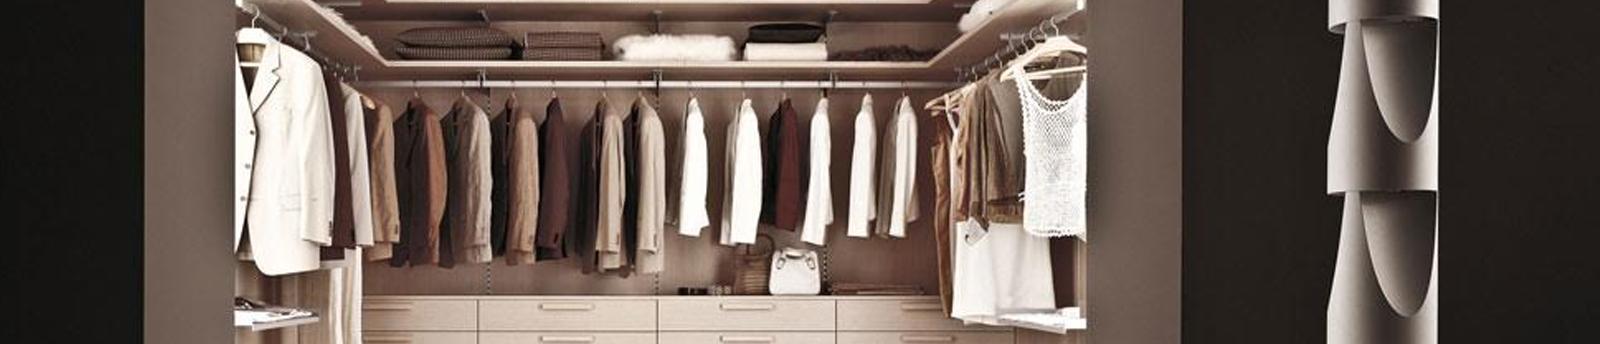 Garderobeplanning